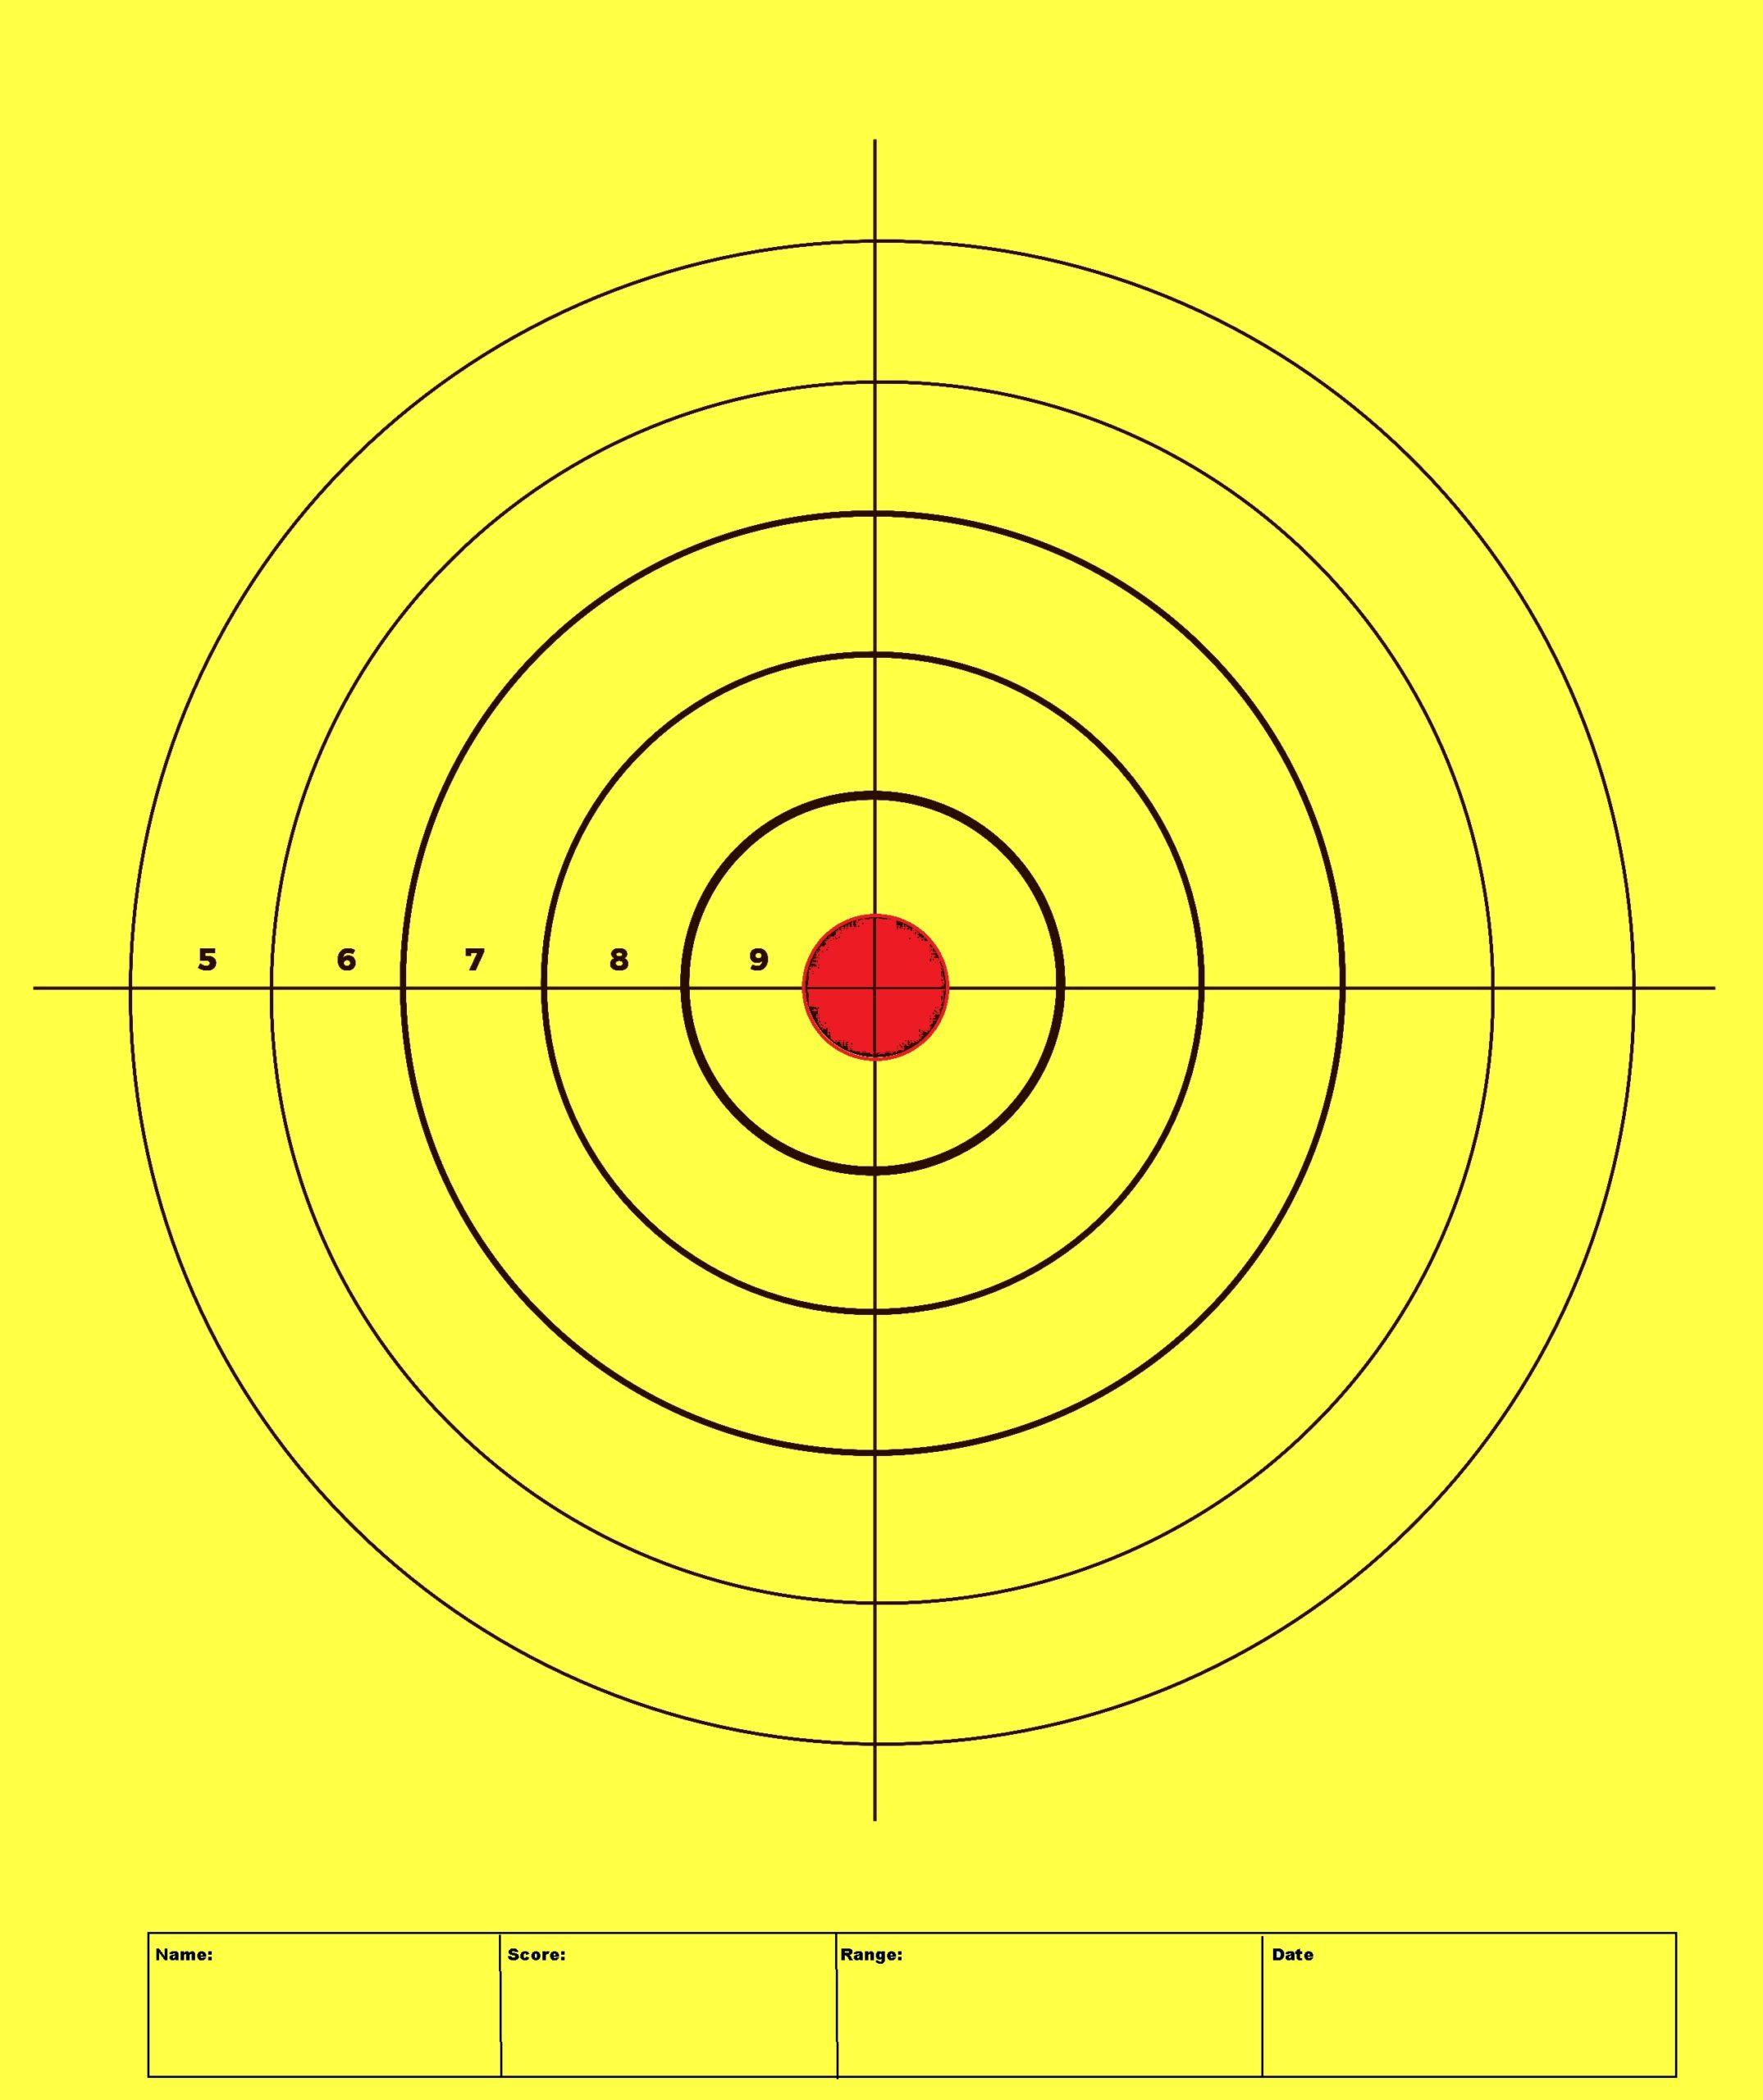 Free printable shooting targets for gun ranges